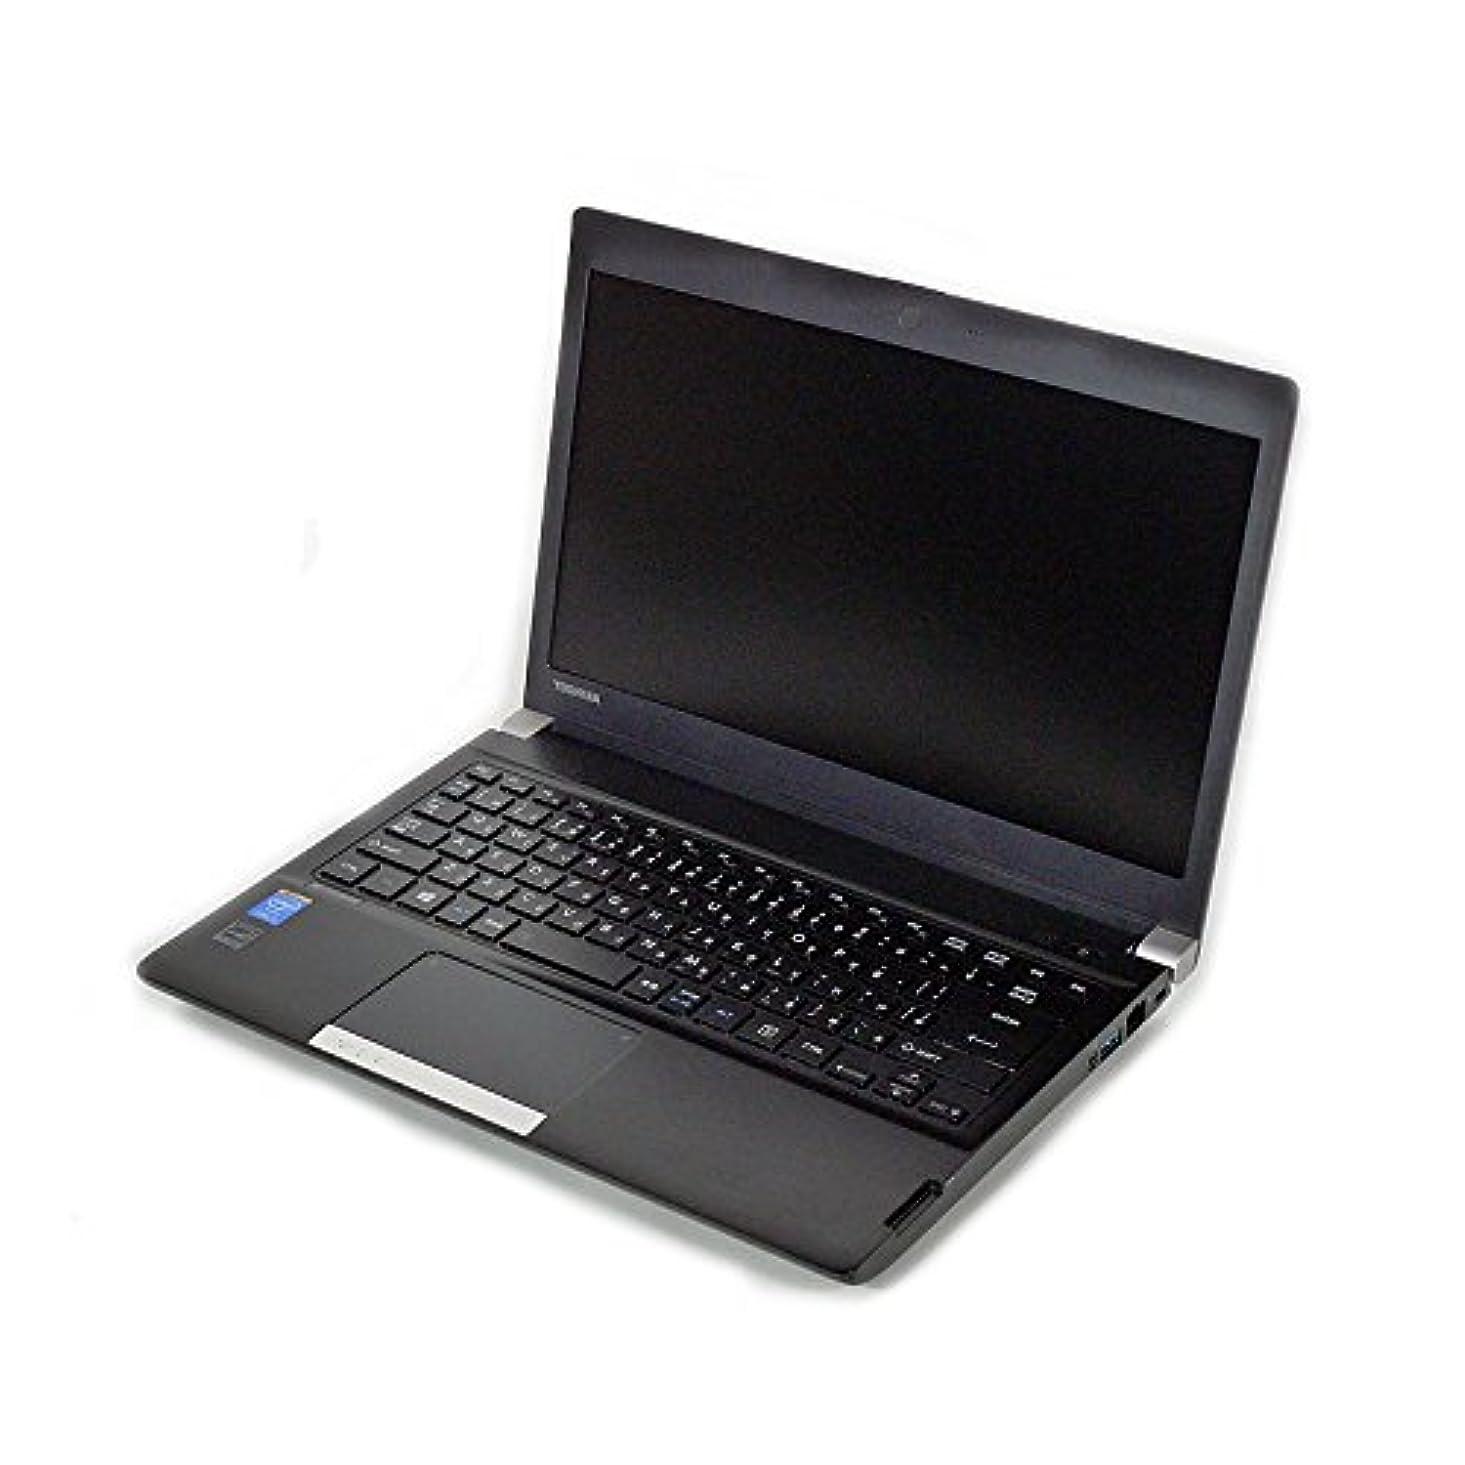 取るボート緊張する東芝 dynabook R734/M PR734MEA137AD71 (Win8.1Pro&Win7 DG/Ci3-2.5GHz/メモリ-4GB/320GB/13.3インチ/wi-fi/Bluetooth)